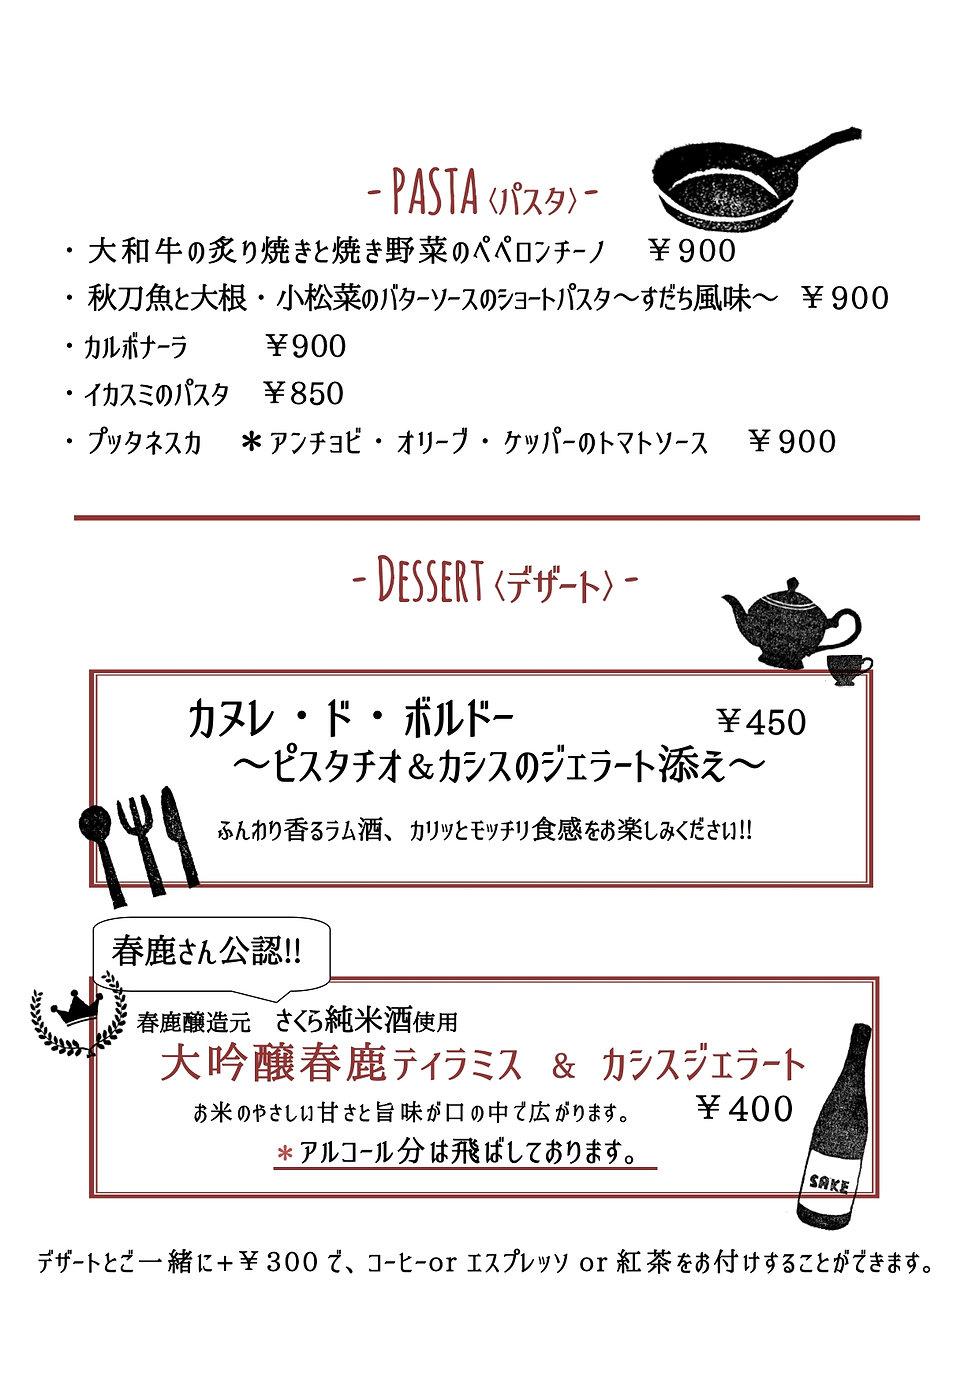 メニュー4 - 10.20 - コピー_page-0001.jpg